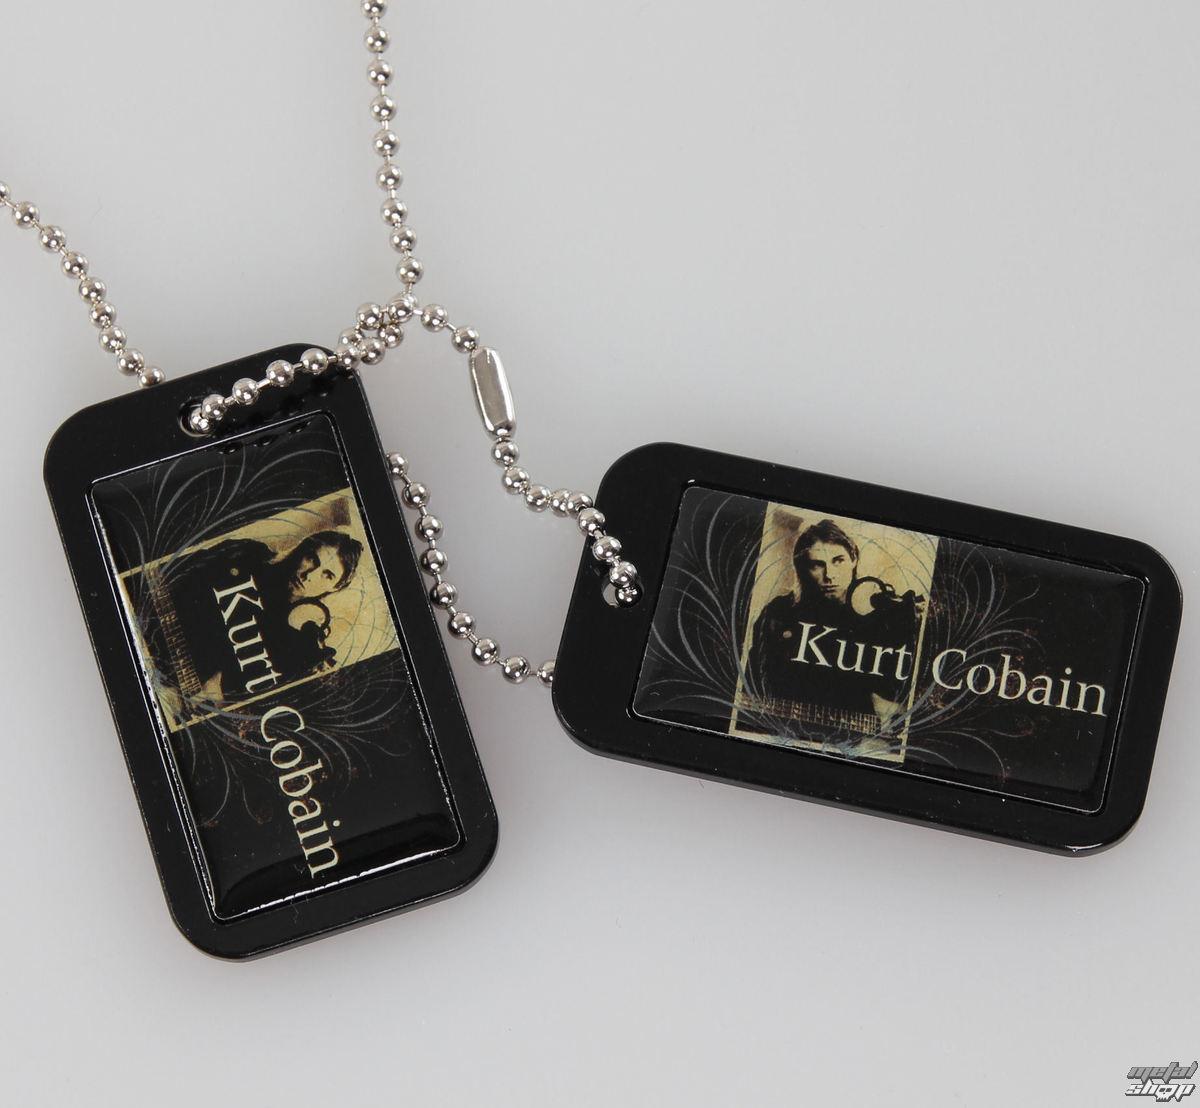 obojek (psí známka) Kurt Cobain - Blue Crest - LIVE NATION - PE43244ACCP